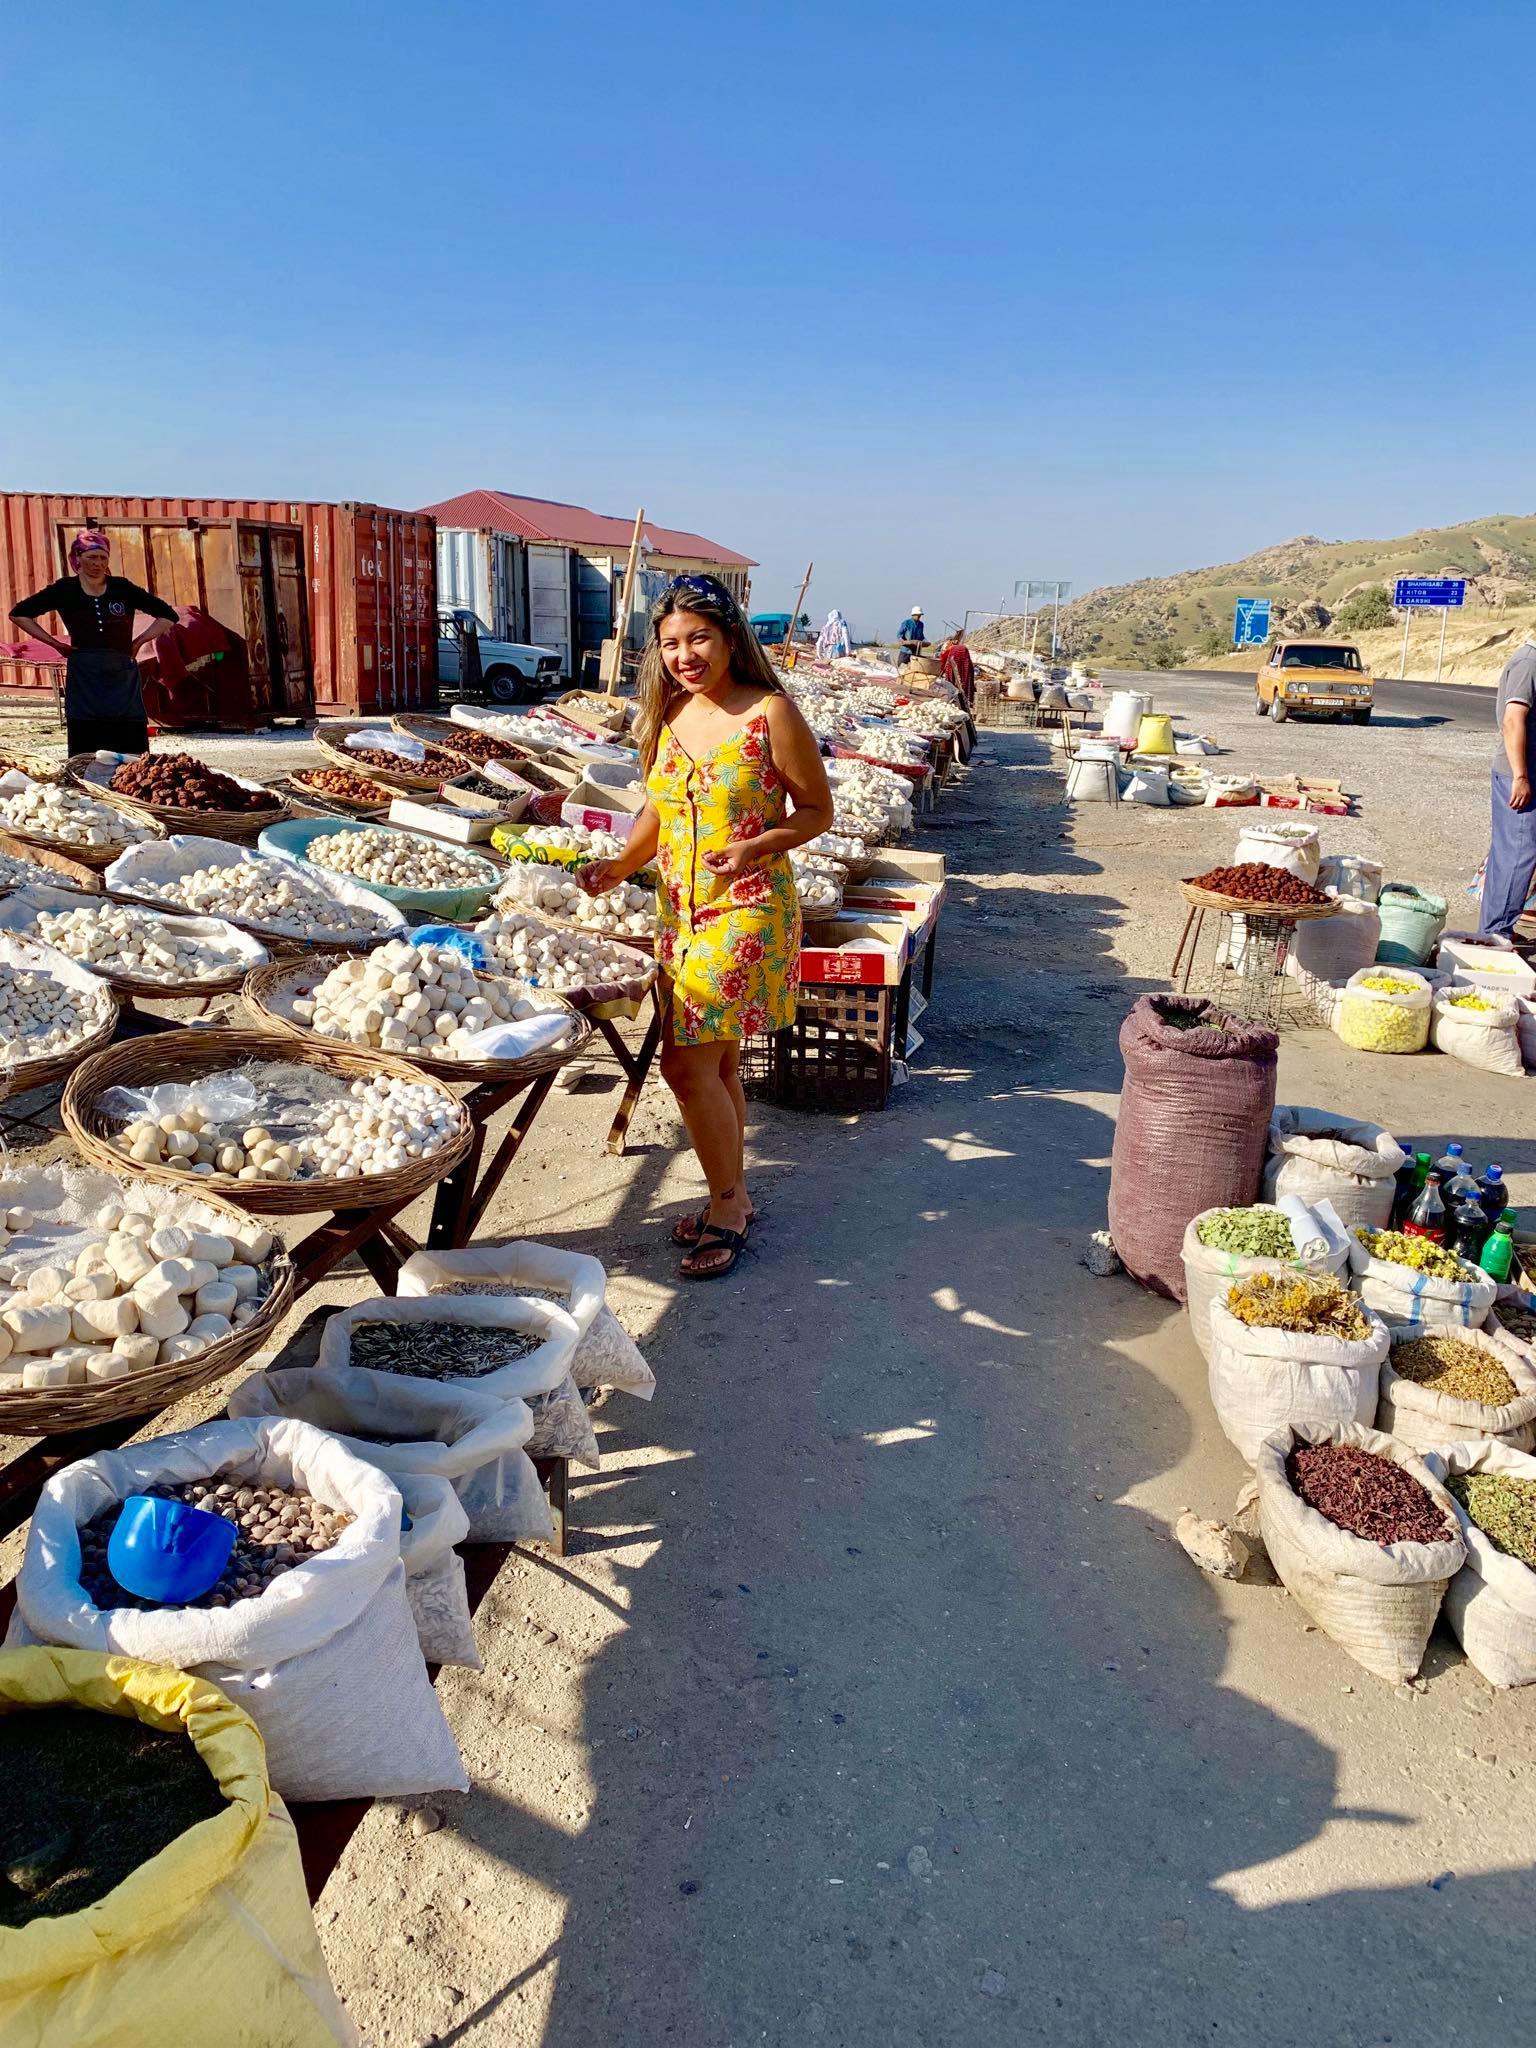 Kach Solo Travels in 2019 Last stop in Uzbekistan23.jpg